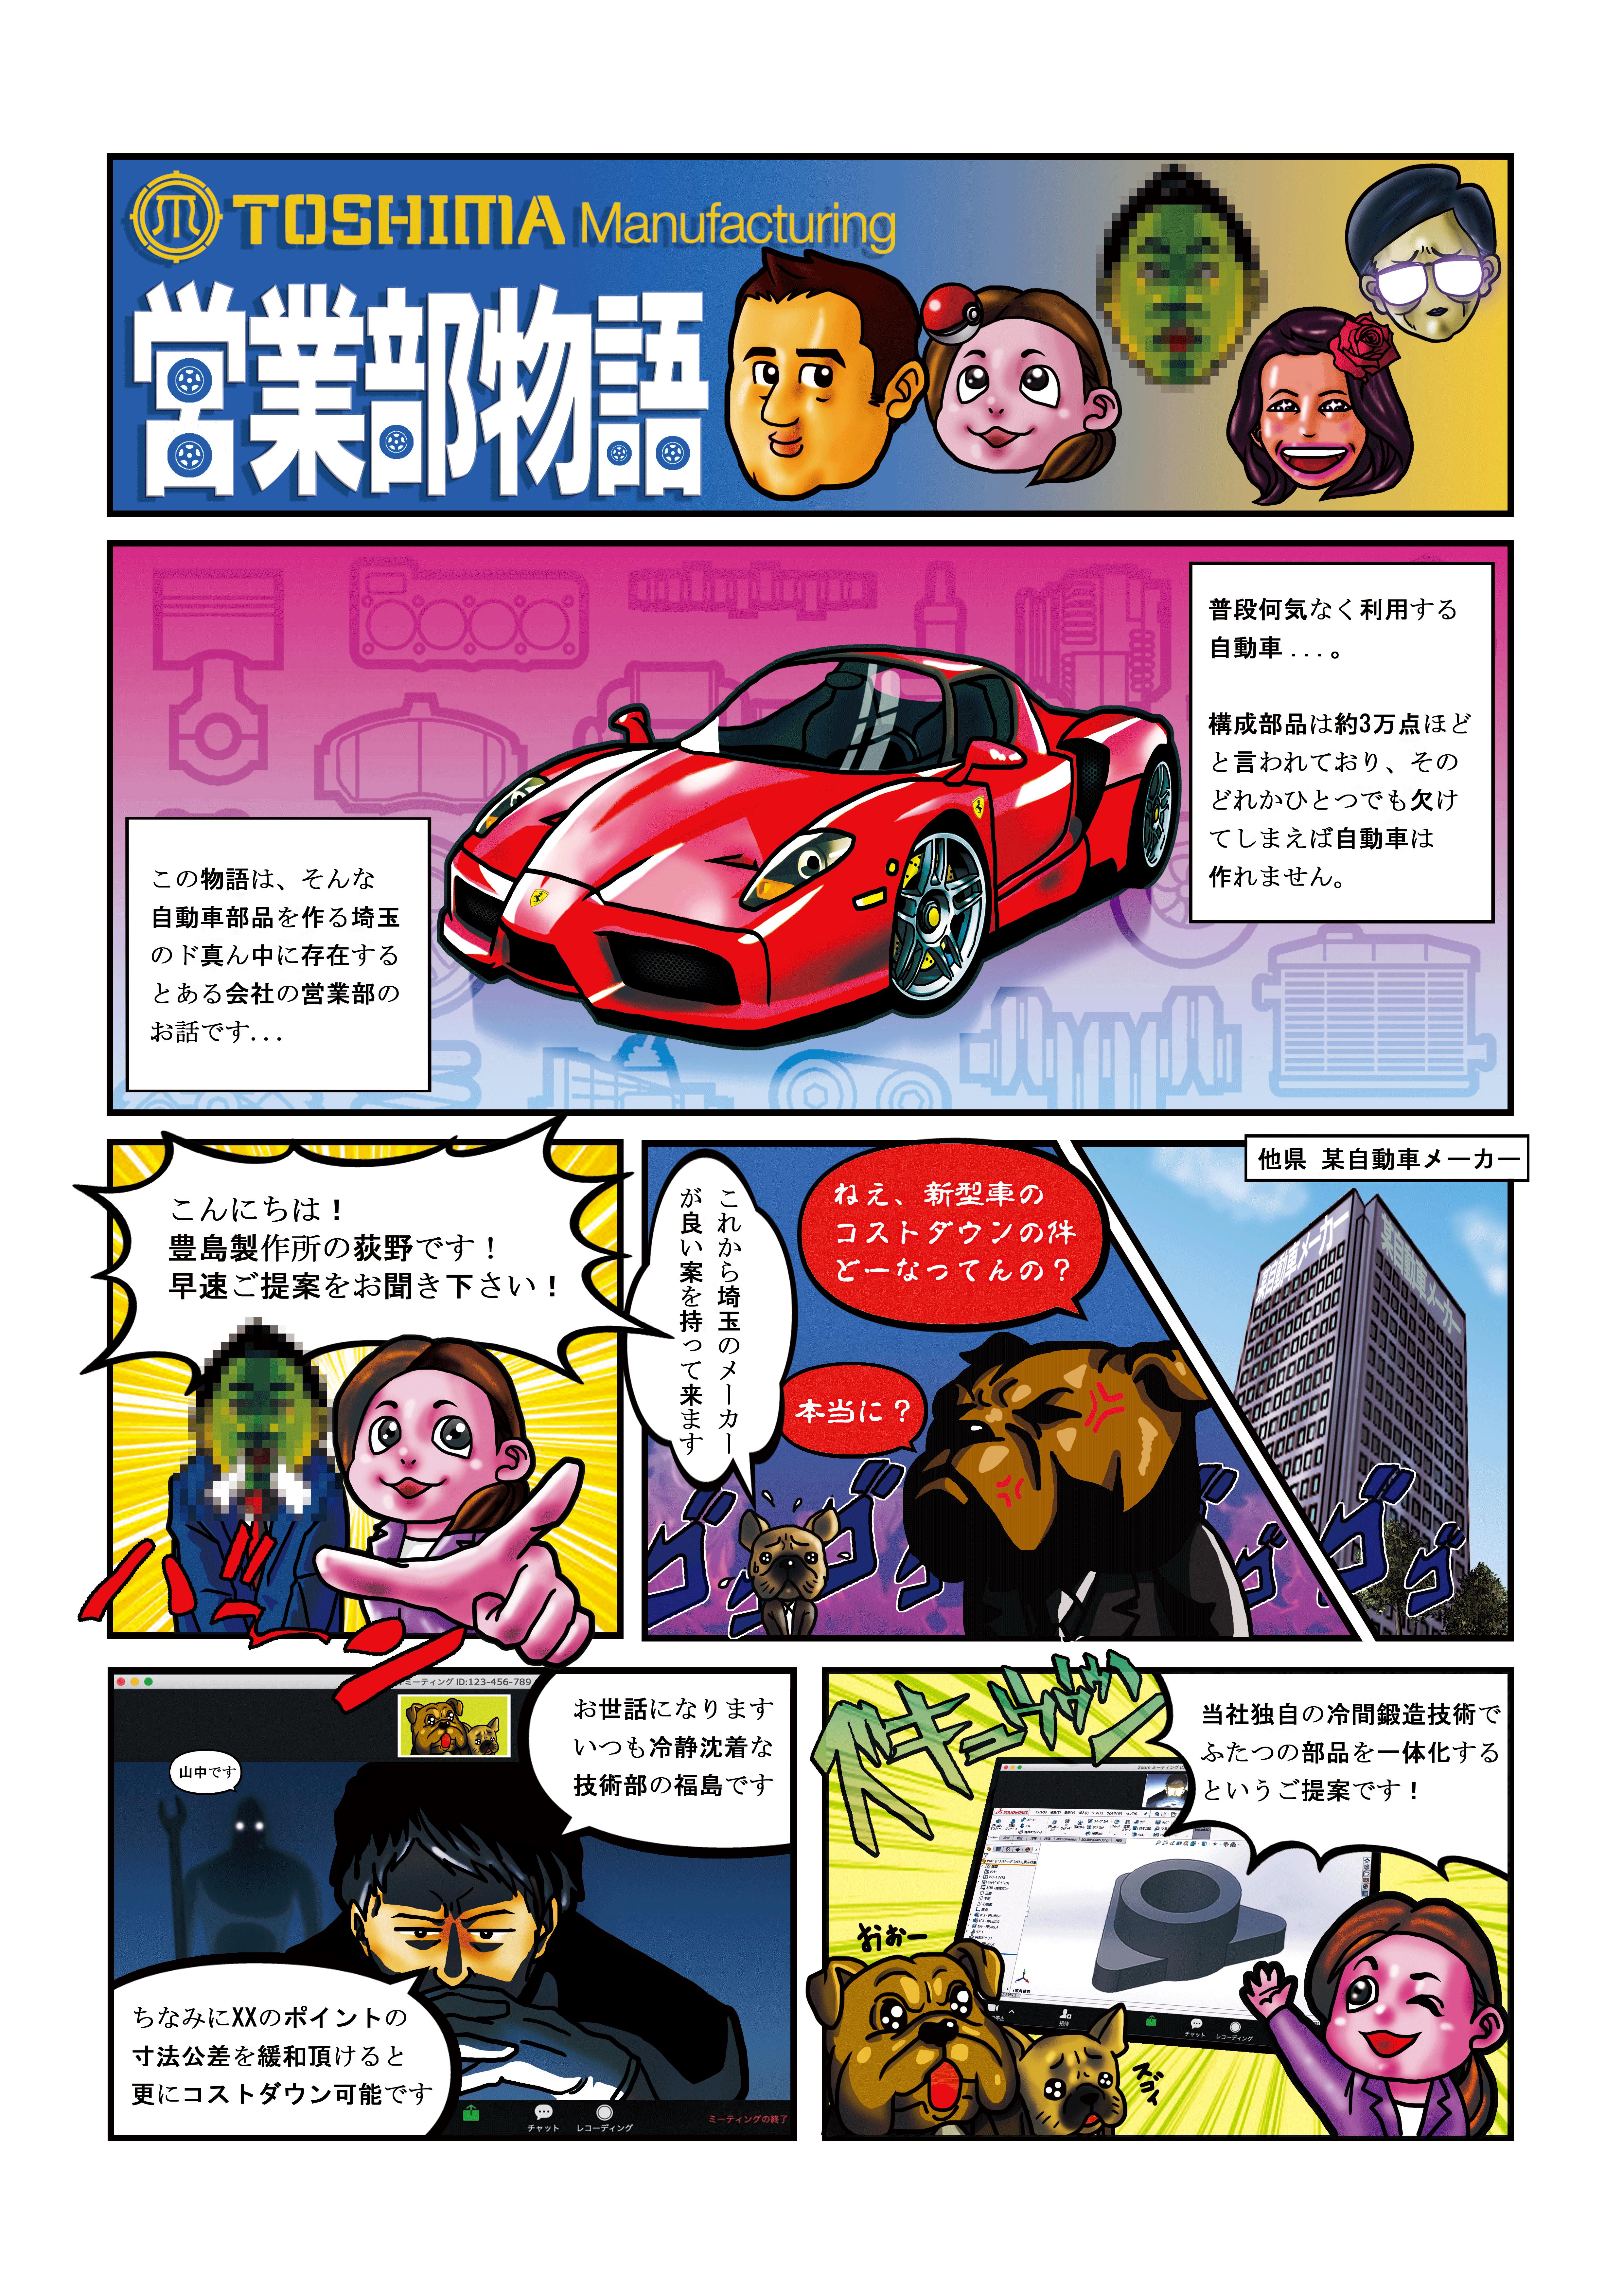 営業部物語P1